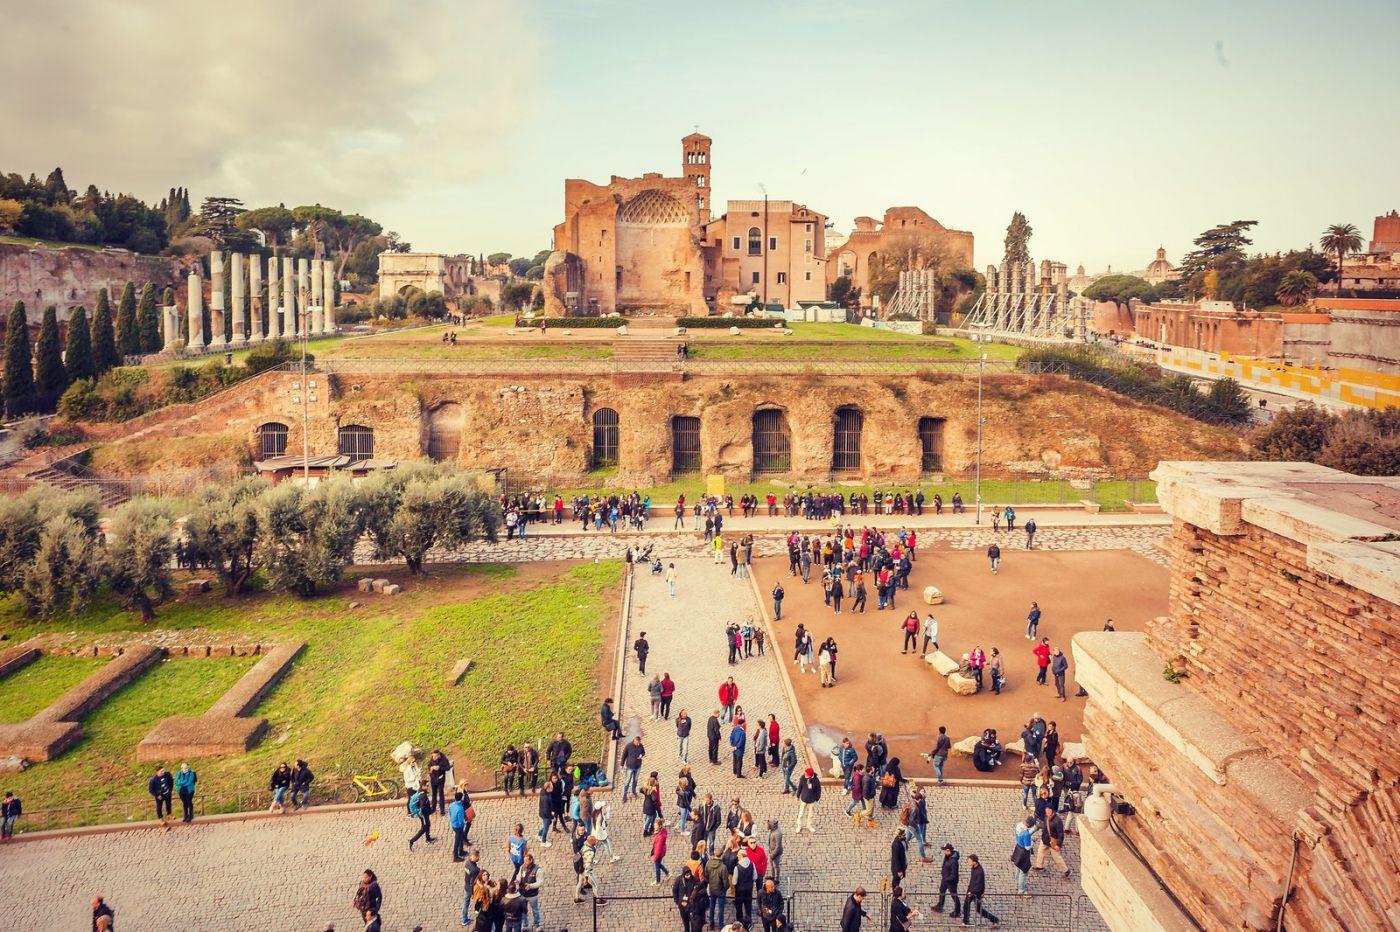 意大利罗马论坛,很敬佩_图1-35